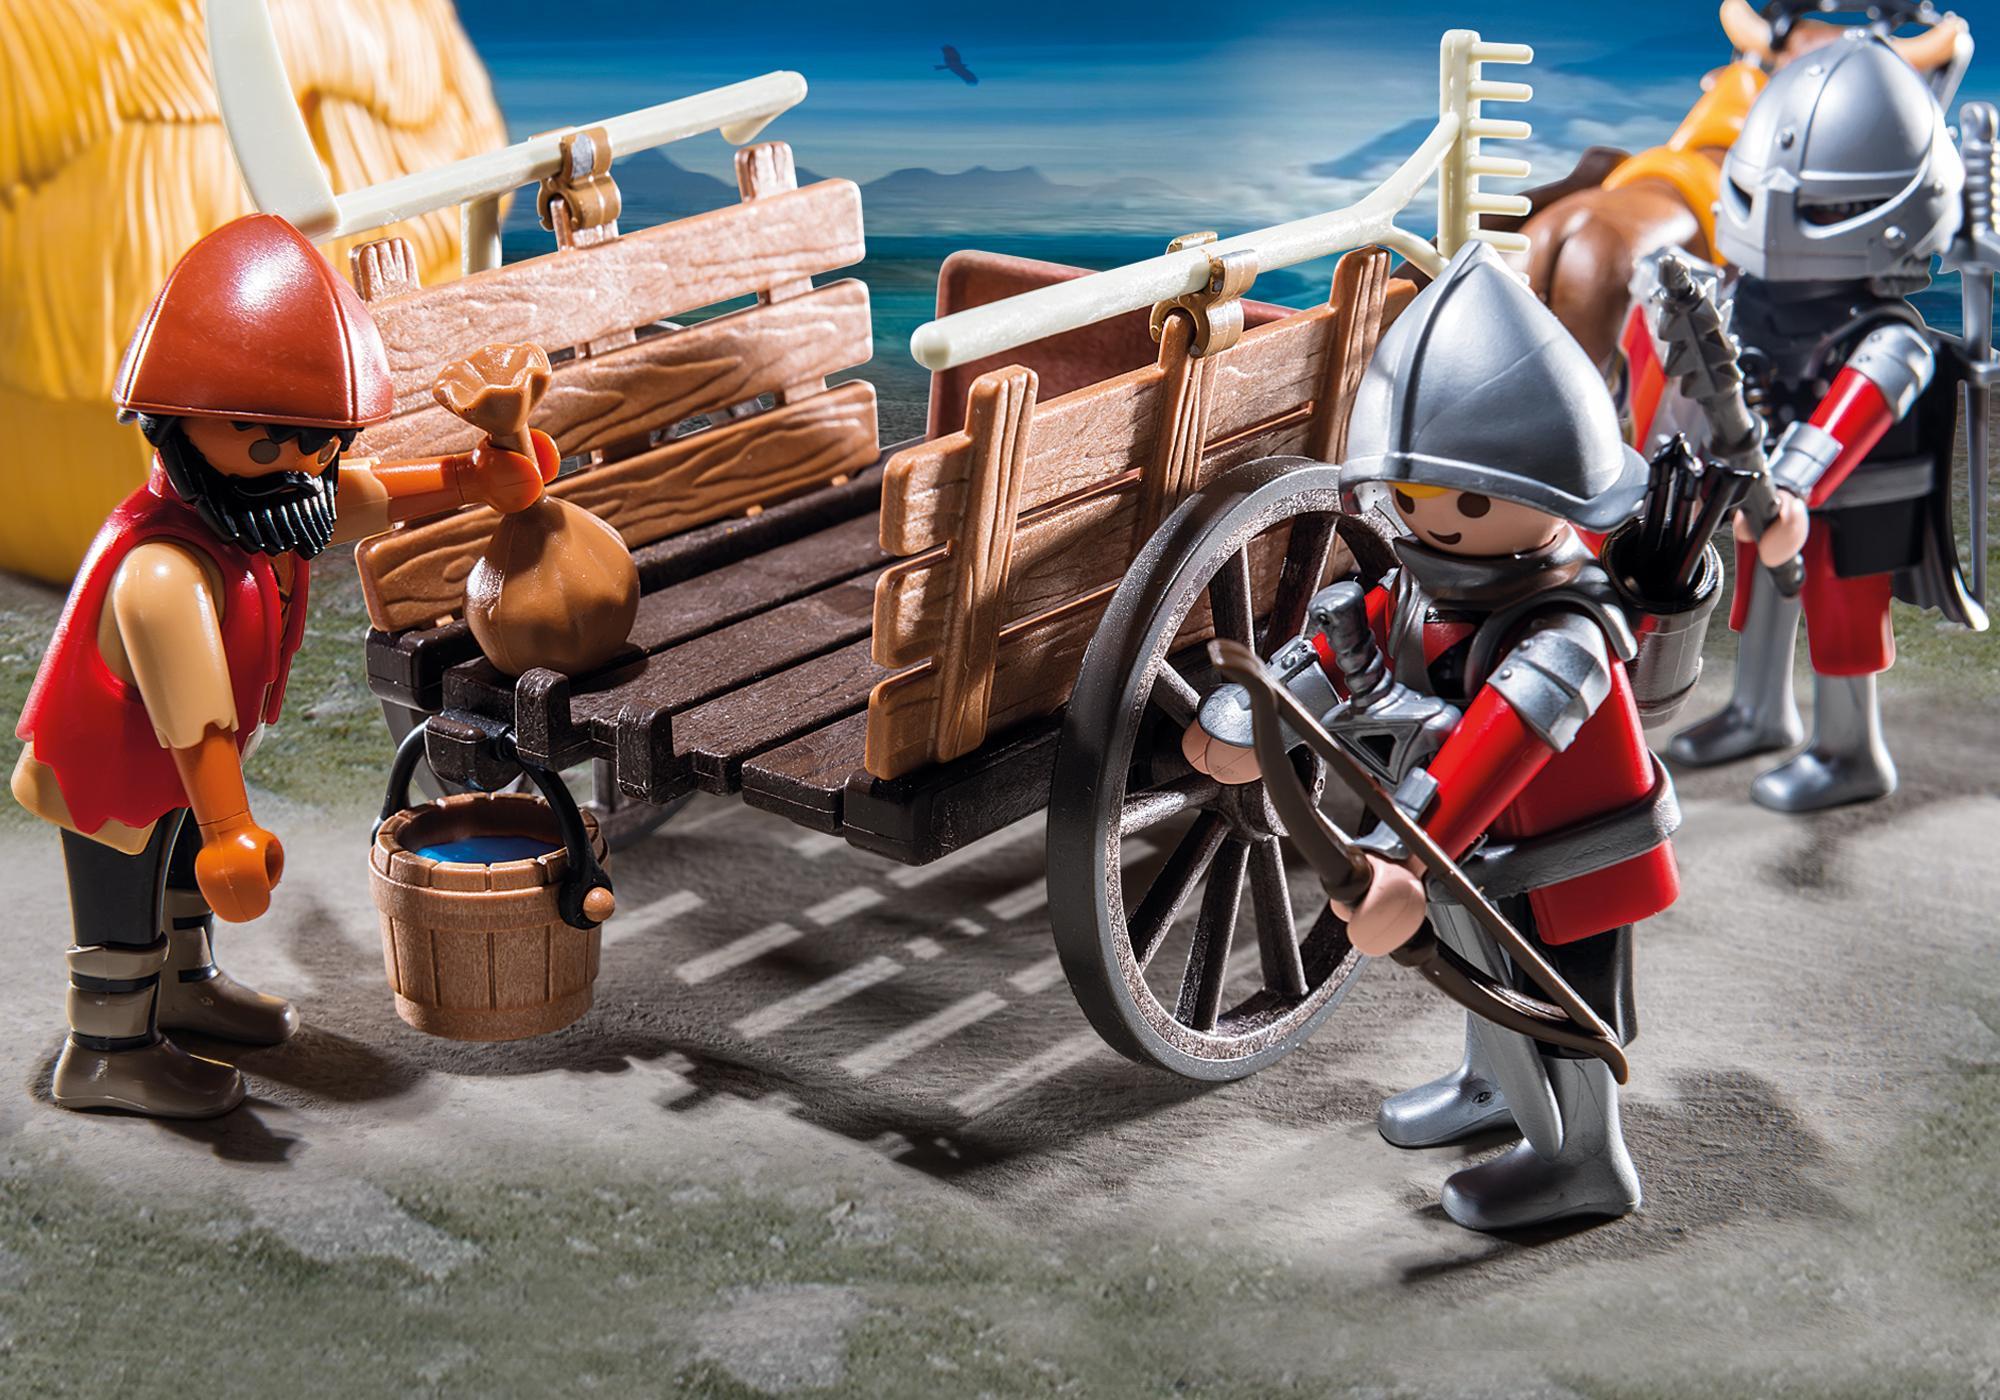 http://media.playmobil.com/i/playmobil/6005_product_extra2/Zamaskowany powóz rycerzy herbu Sokół